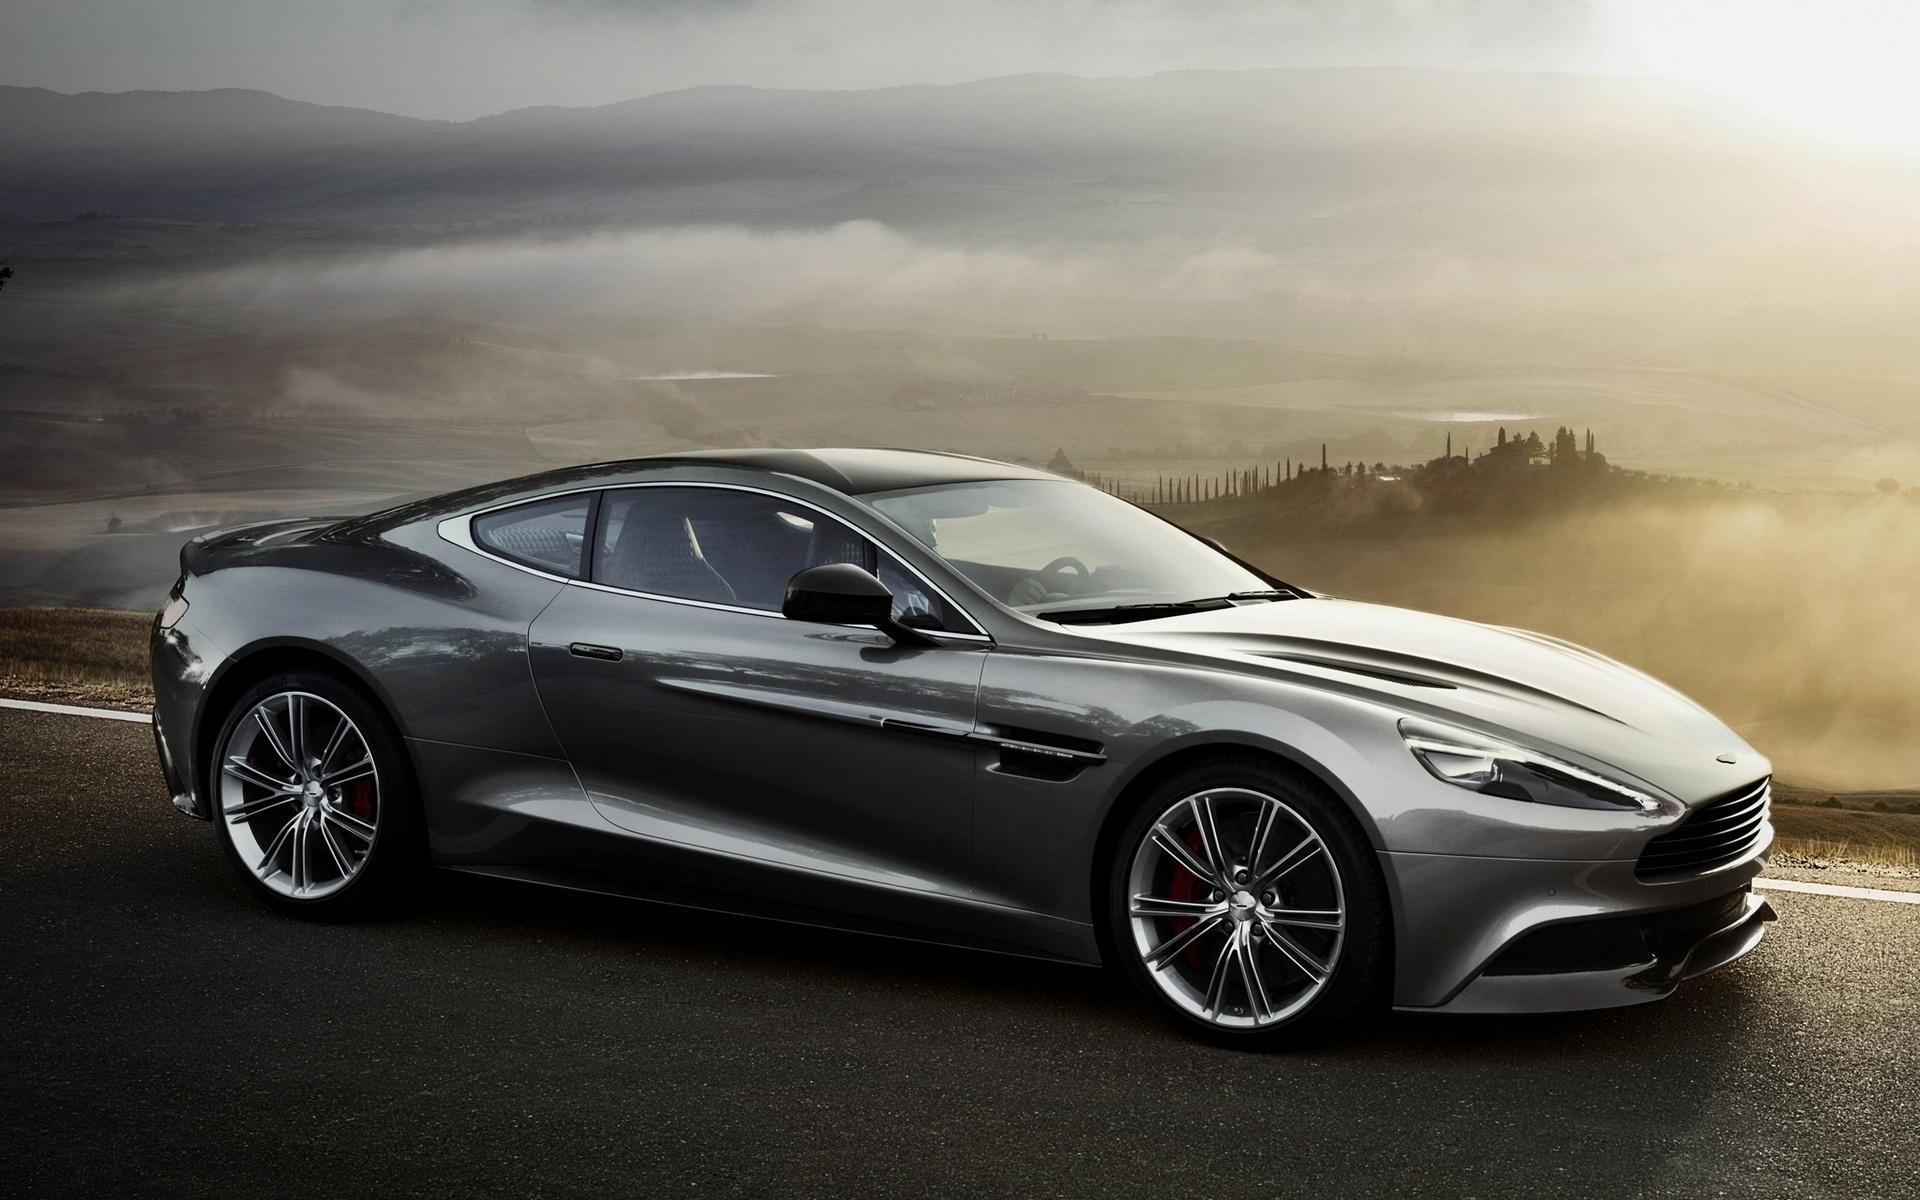 Aston Martin Rapide alquiler coches de lujo madrid marbella ibiza barcelona valencia